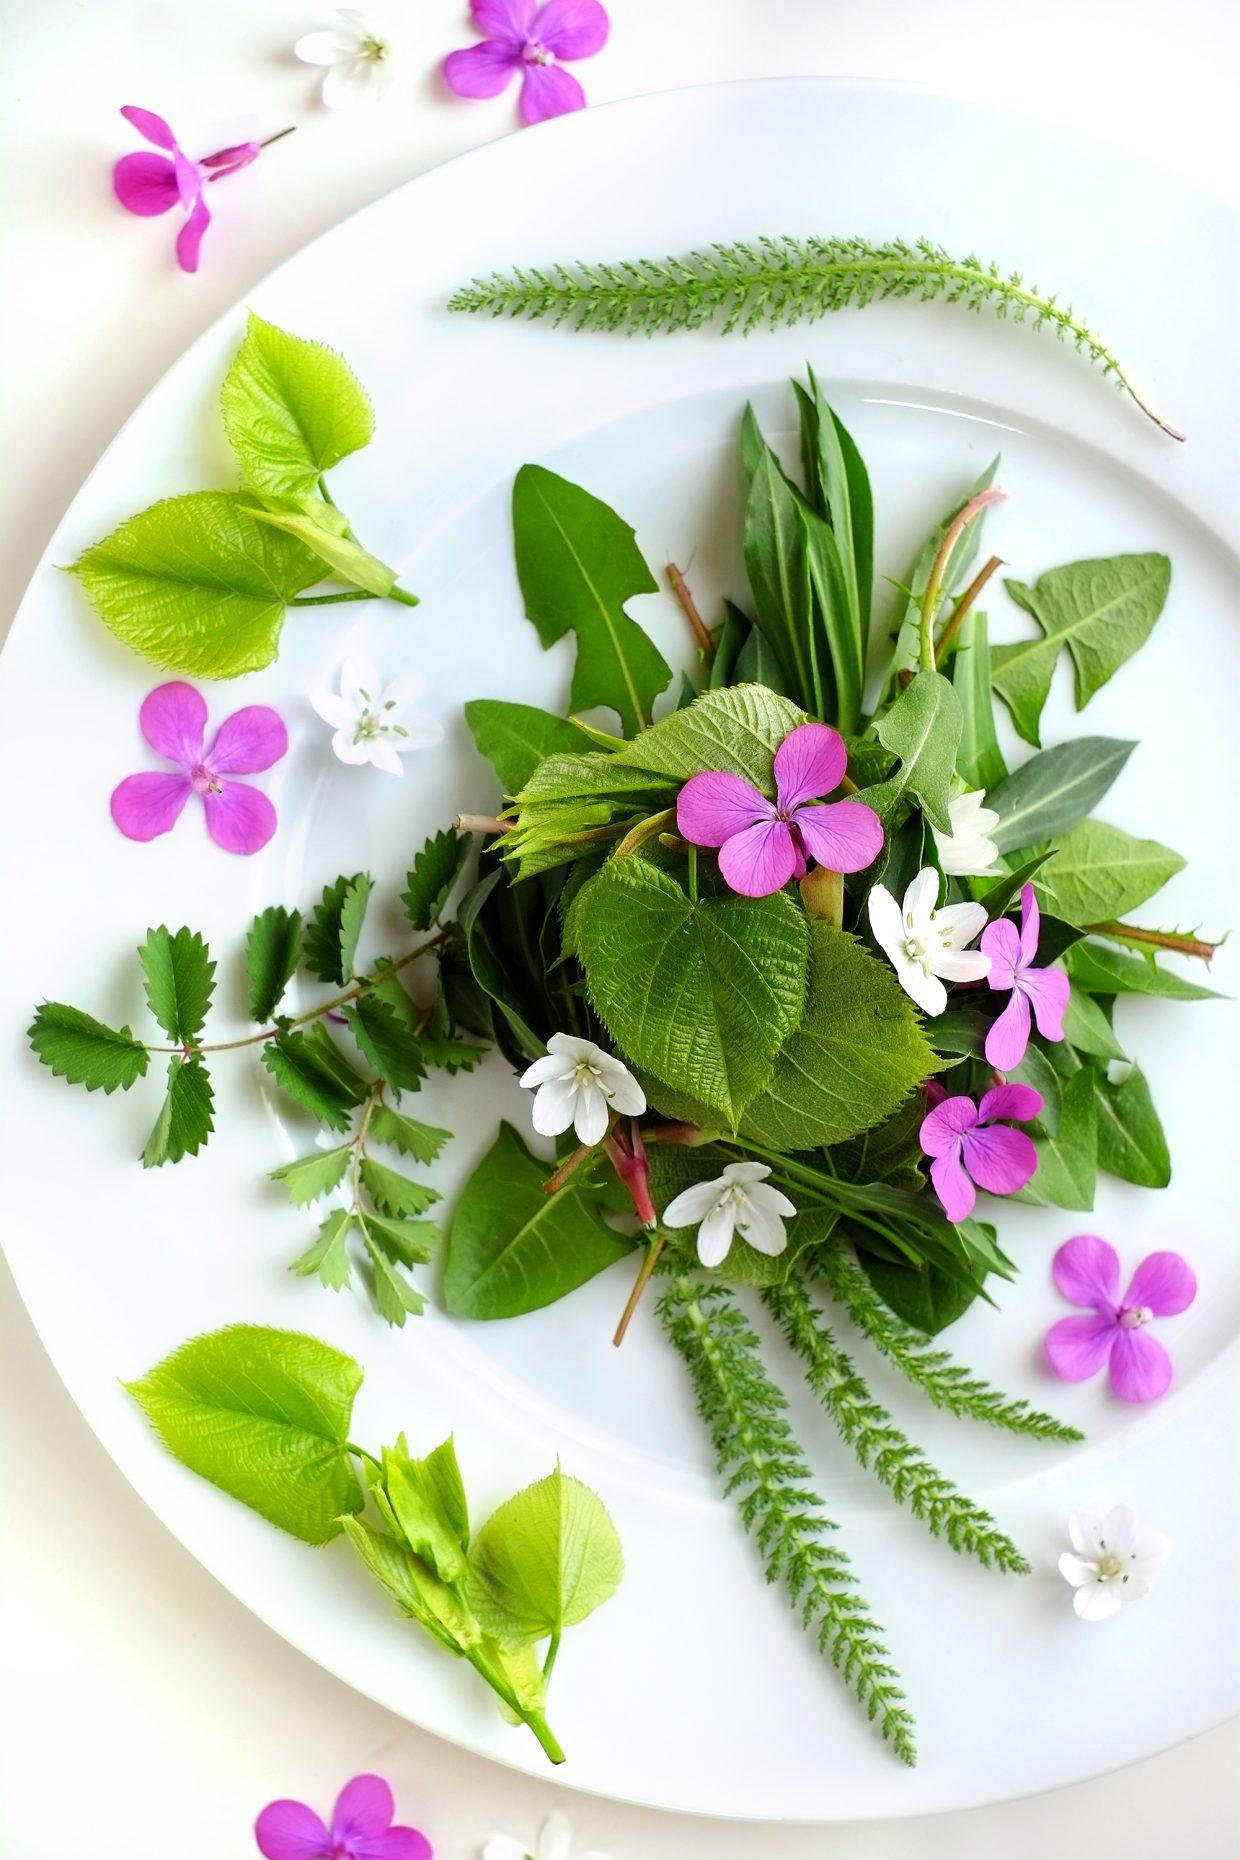 Misticanza di foglie e fiori d'aprile, con foglie giovani di tiglio e fiori di lunaria 48